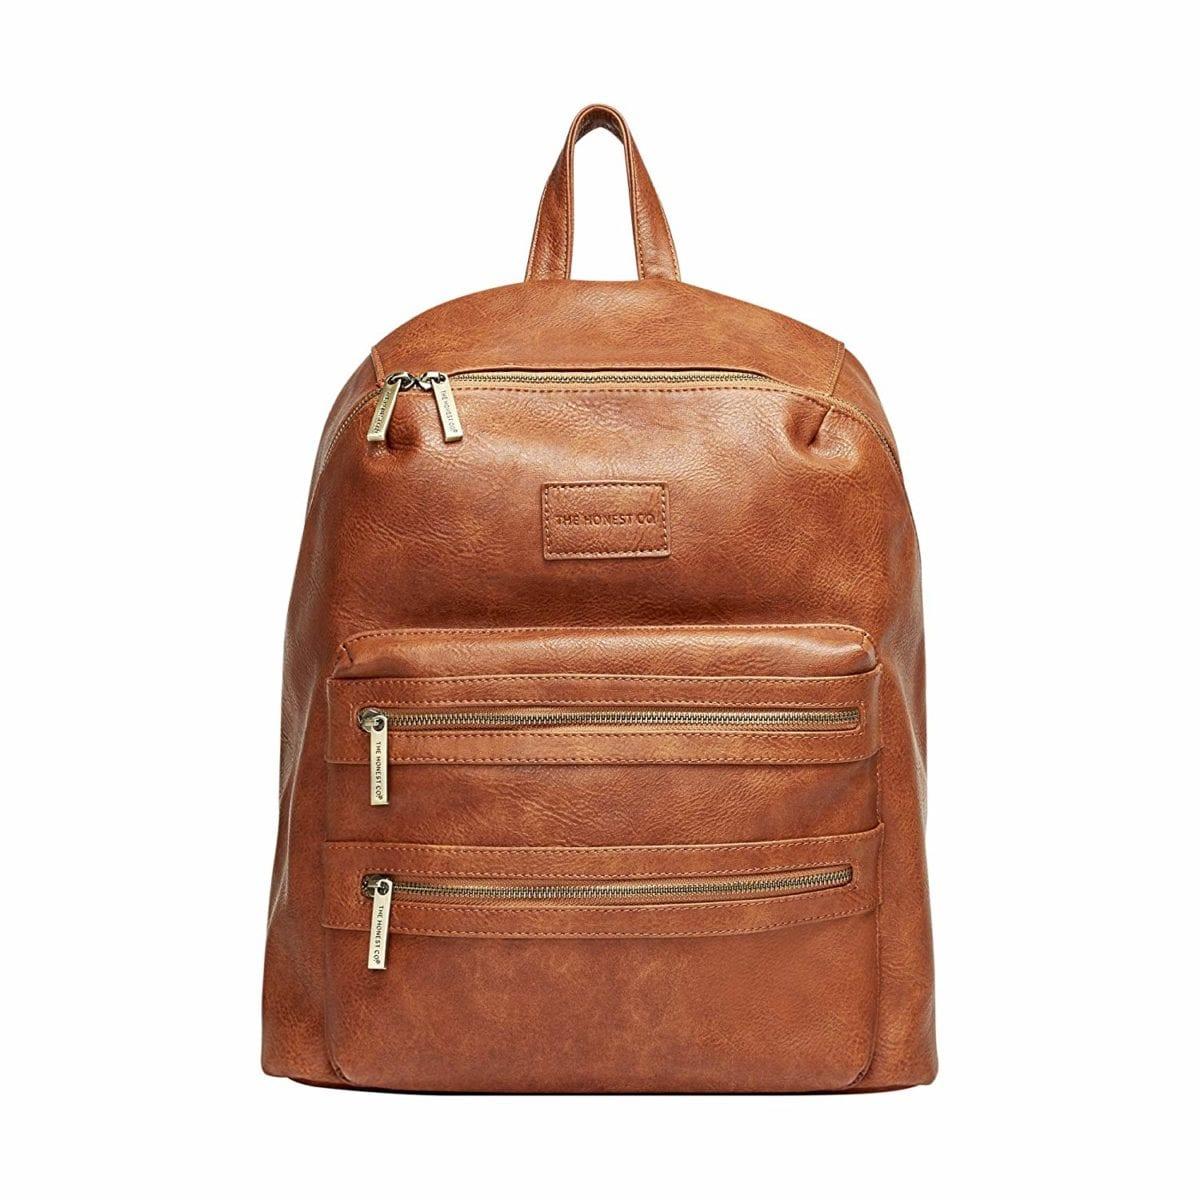 lauren conrad's baby registry - honest co. city backpack